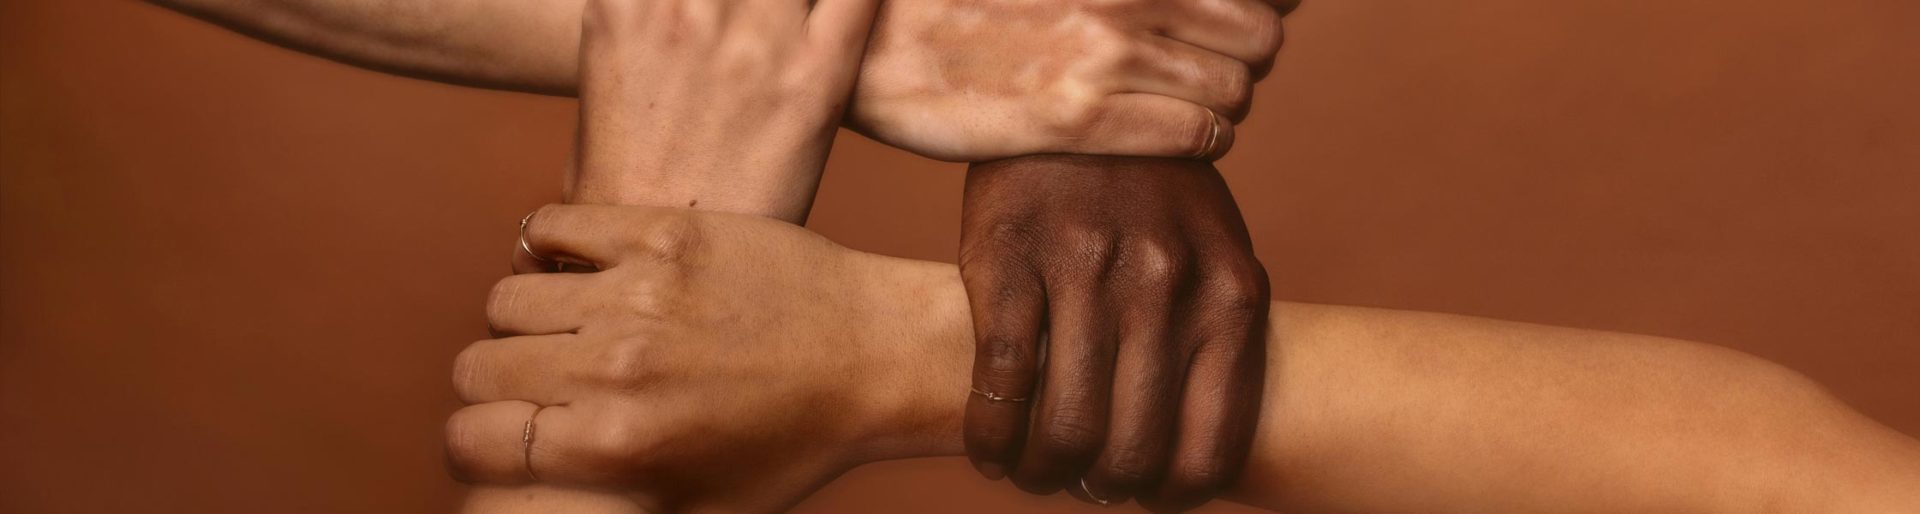 Hände verjüngen